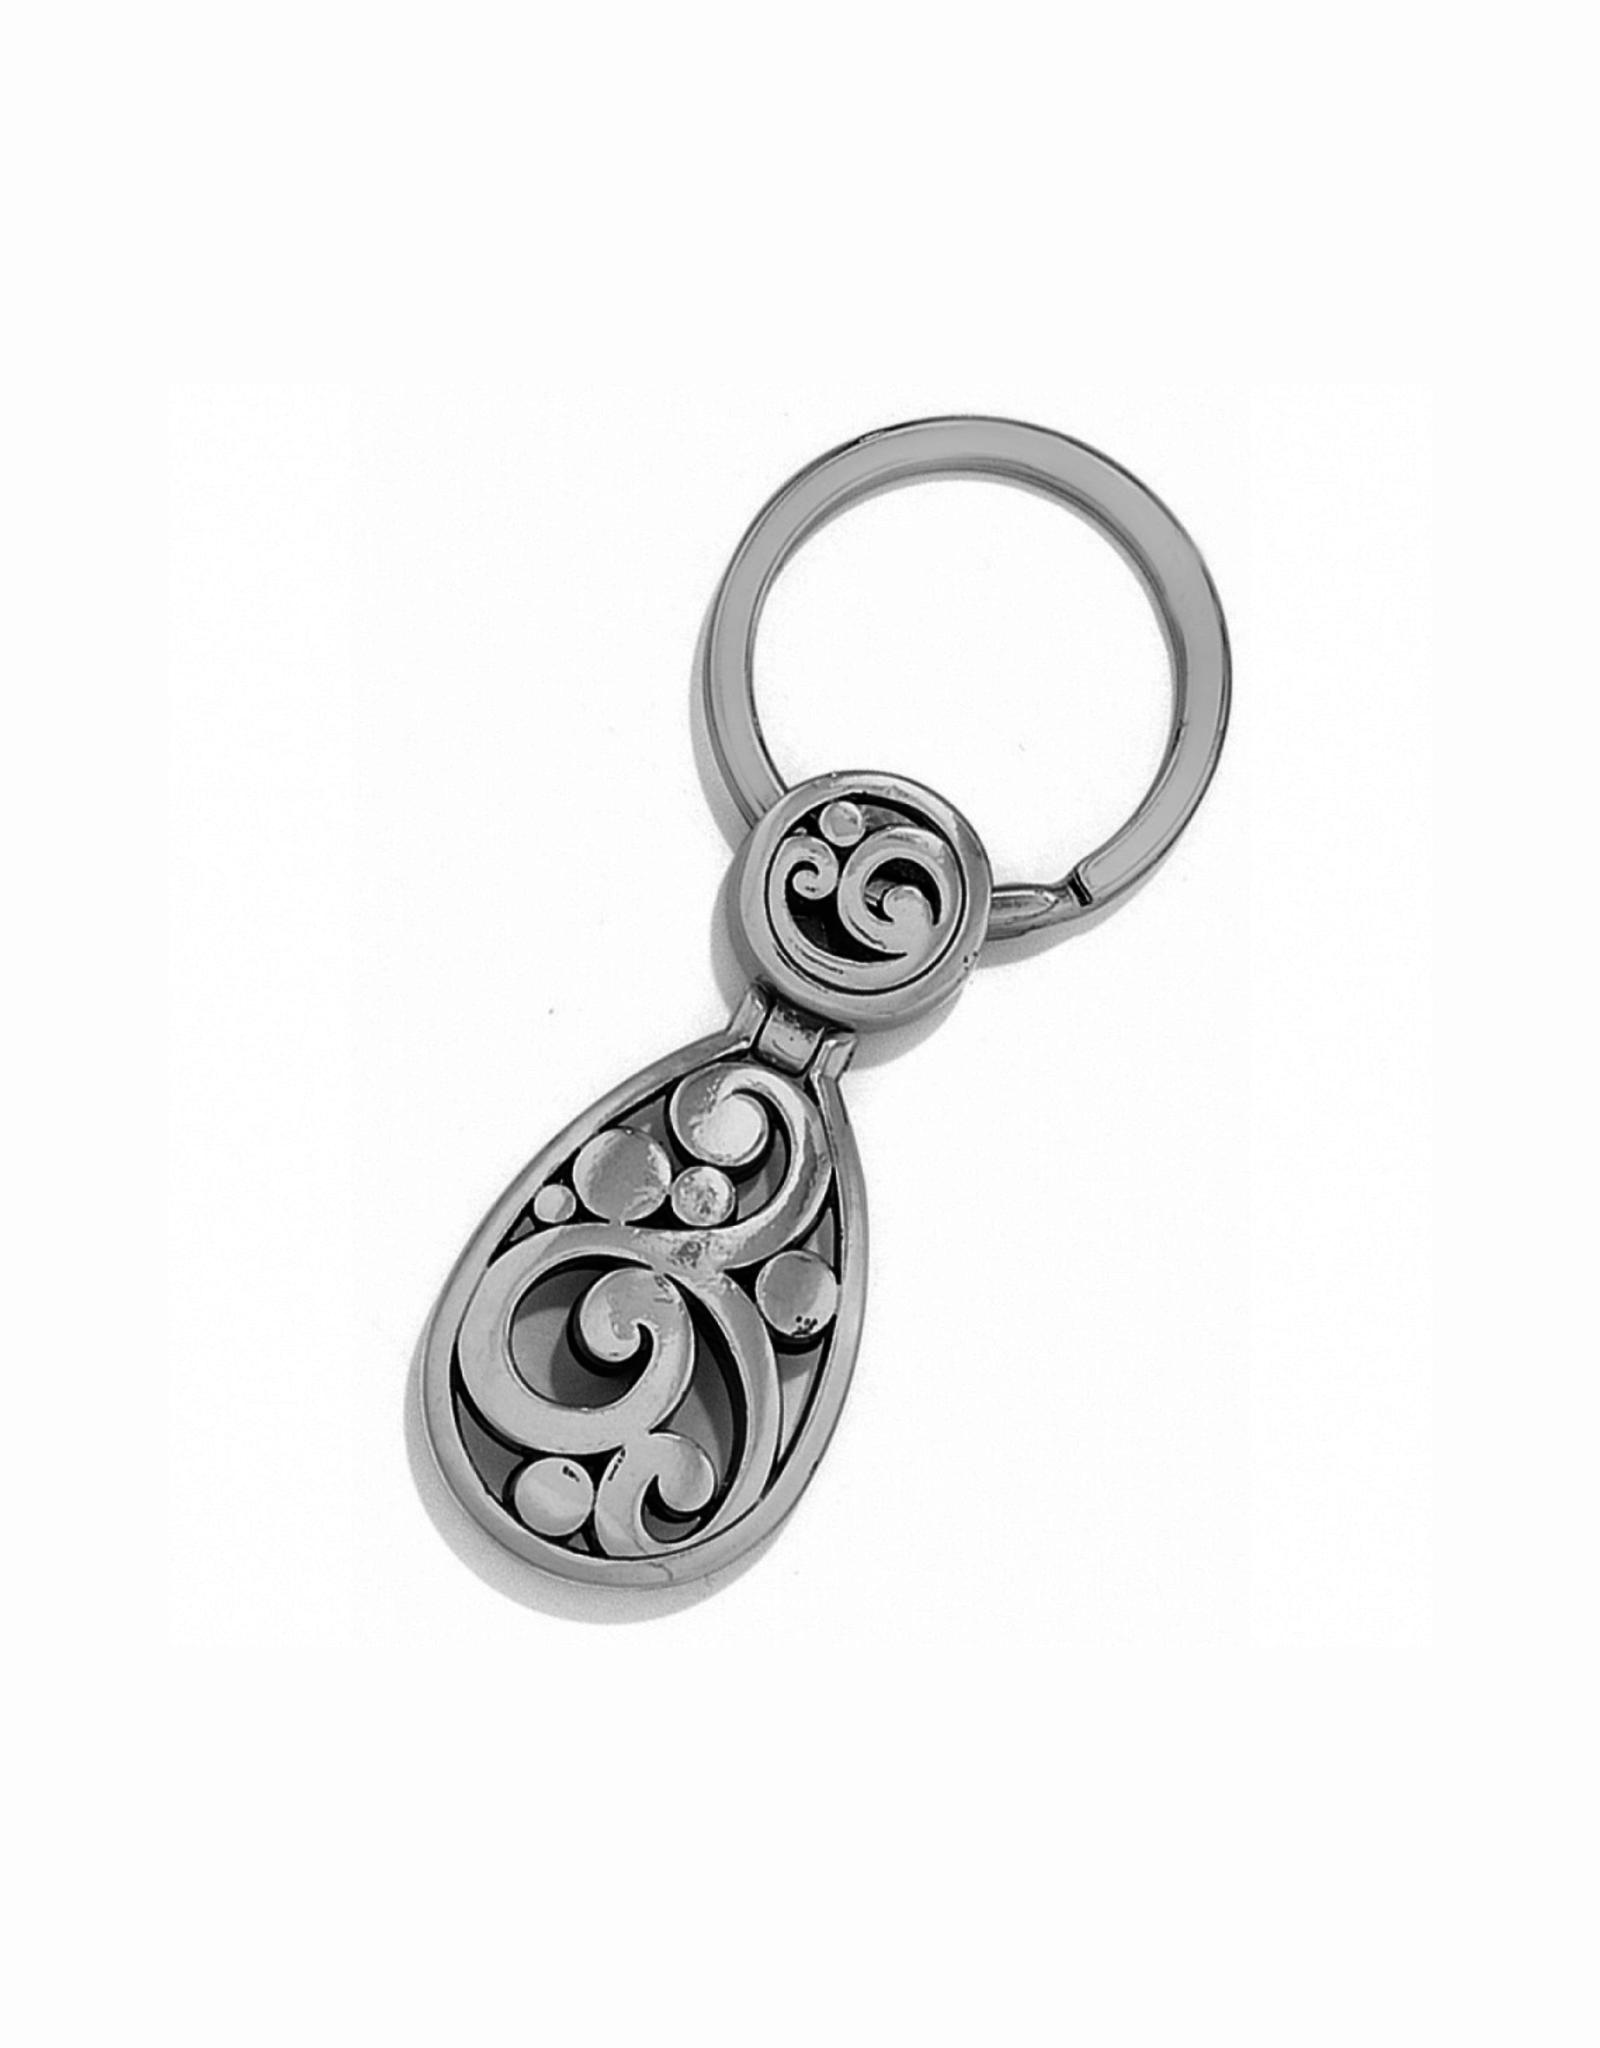 Brighton Contempo Key Fob - Silver